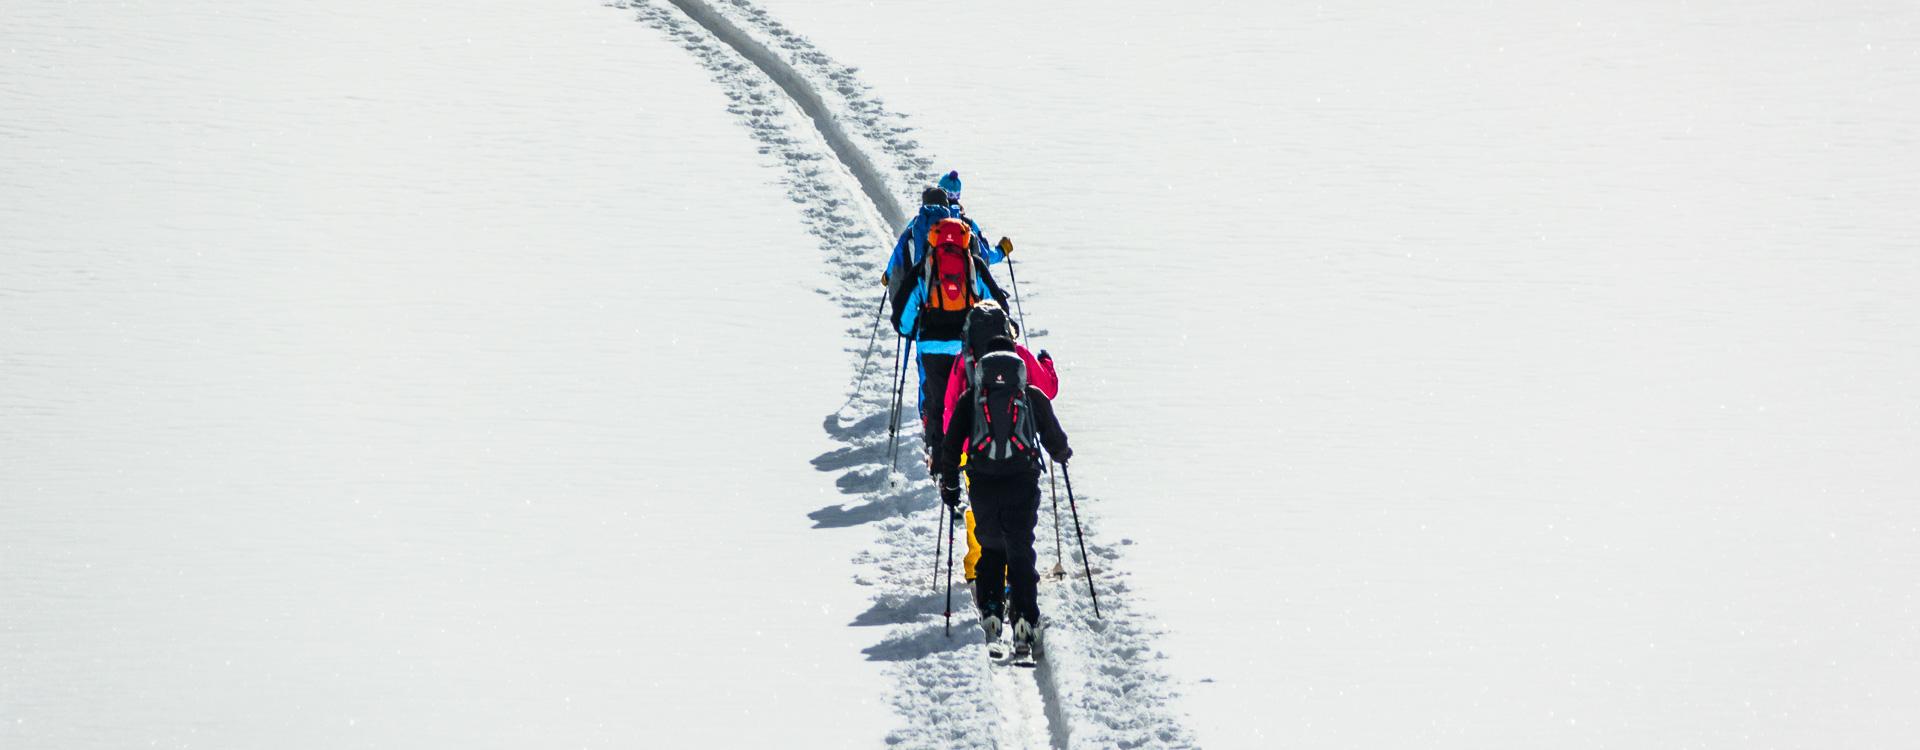 Skitourenkurse und Lawinenkurs fuer Einsteiger